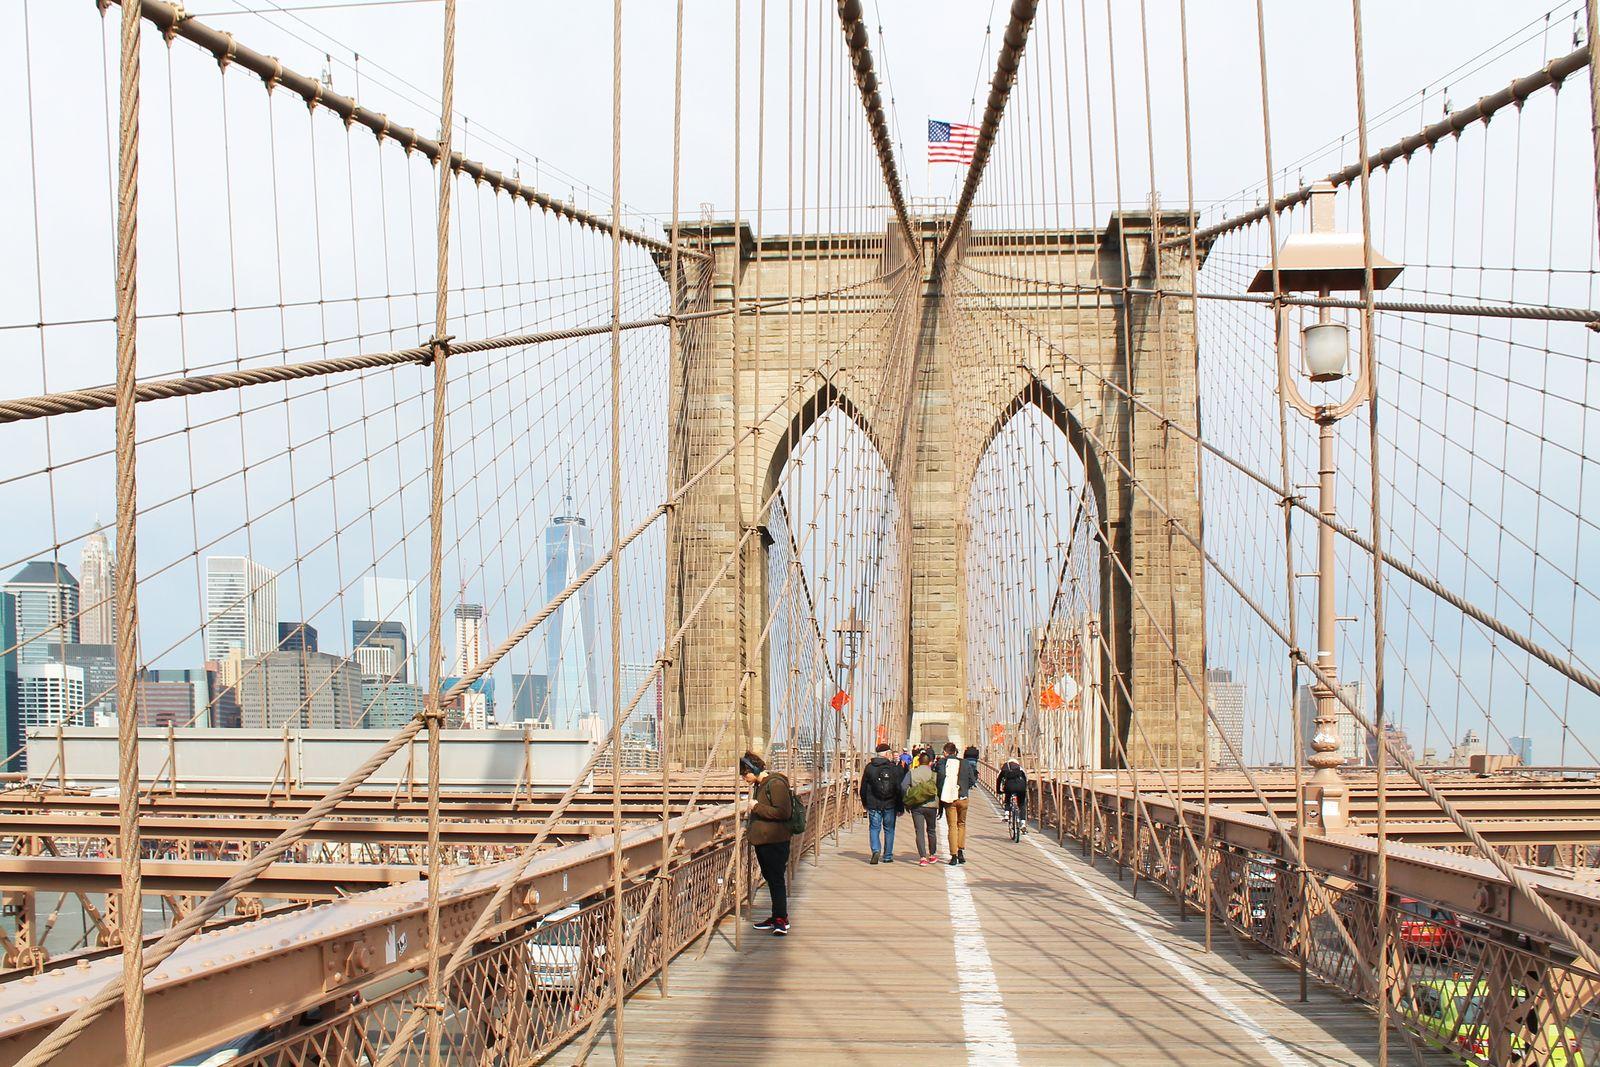 Spaziergang auf der Brooklyn Bridge, Manhattan, Brooklyn, New York